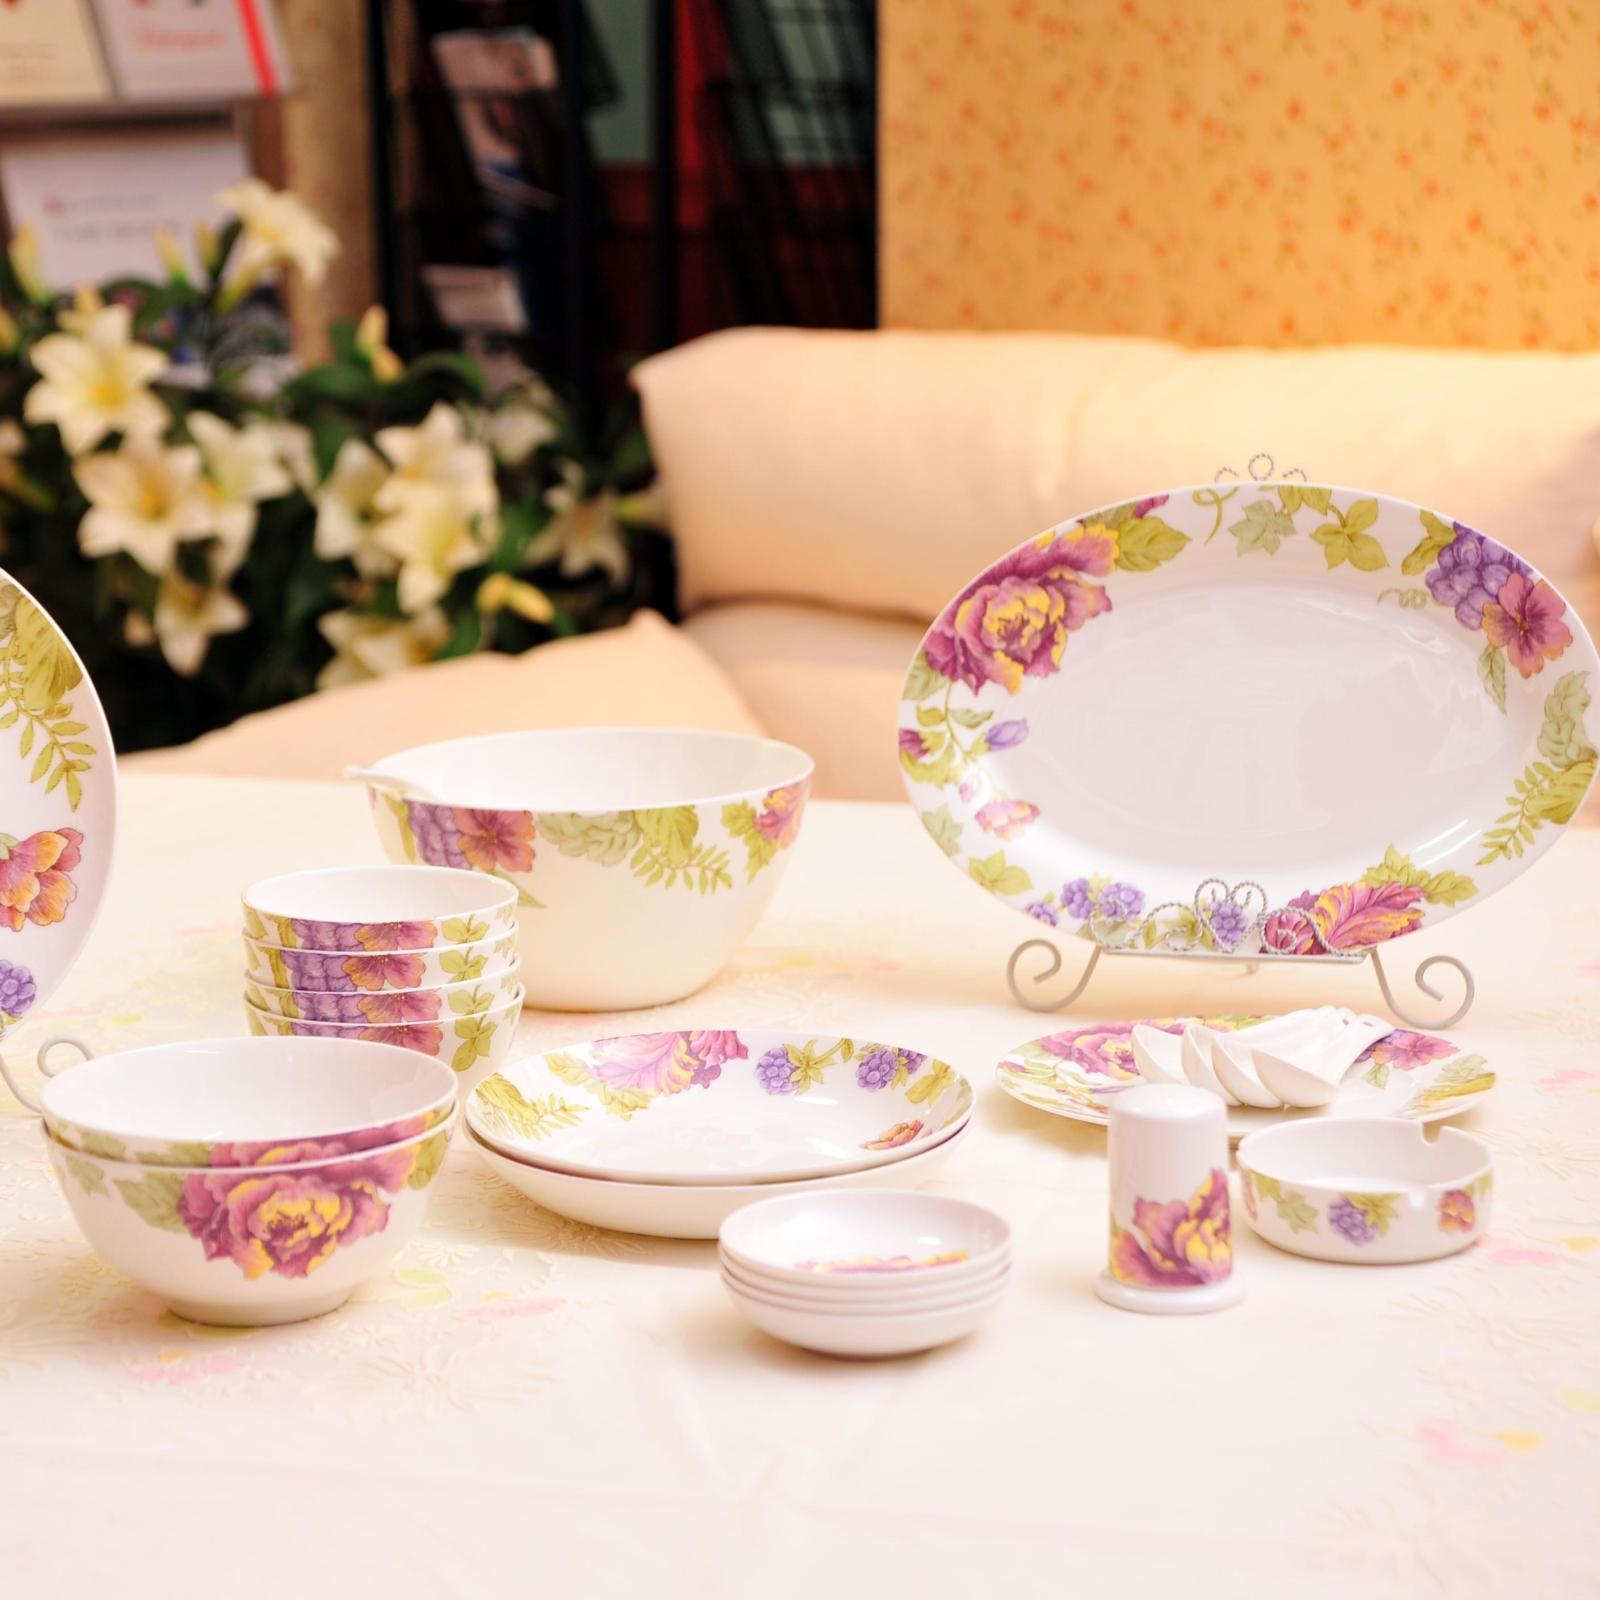 Quality China Dinnerware Derlook Bone China Bone China Dinnerware Set Powder